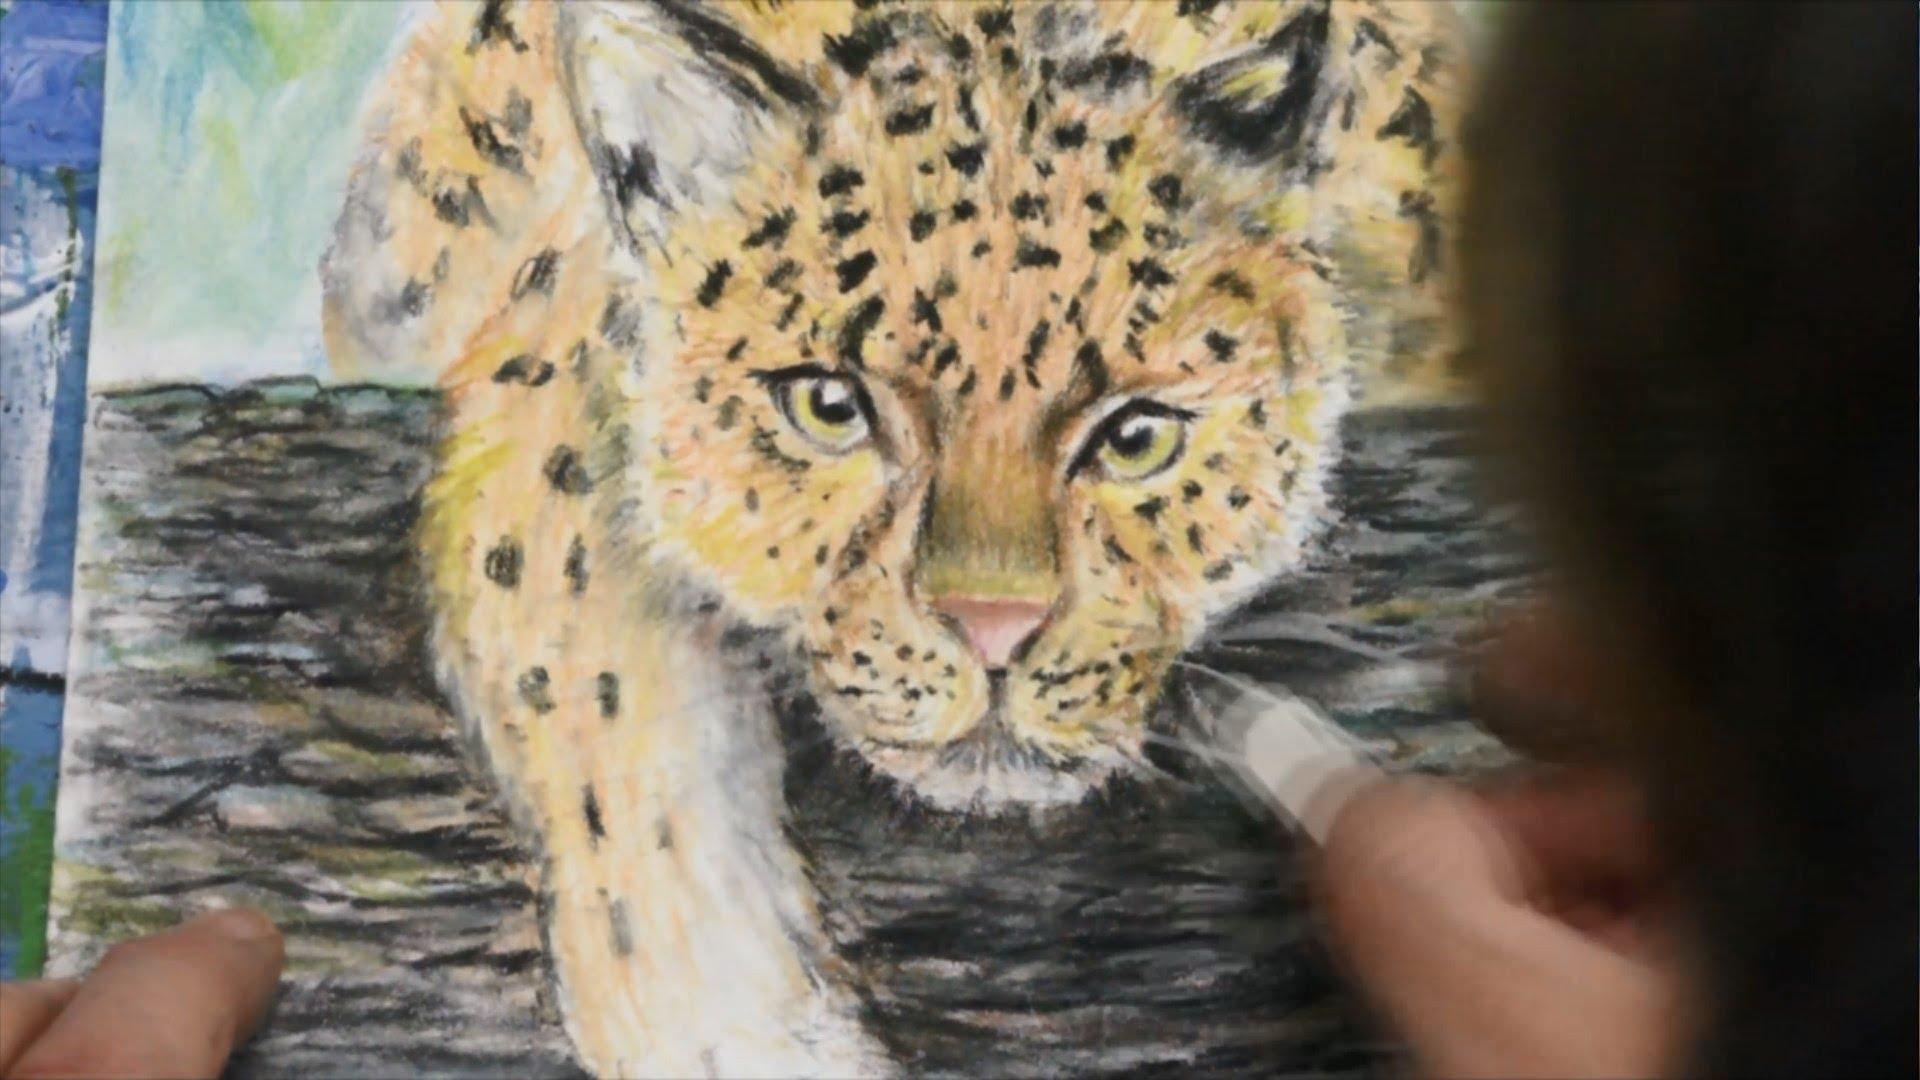 Drawn snow leopard tree drawing Pastel Tree The Leopard Tree